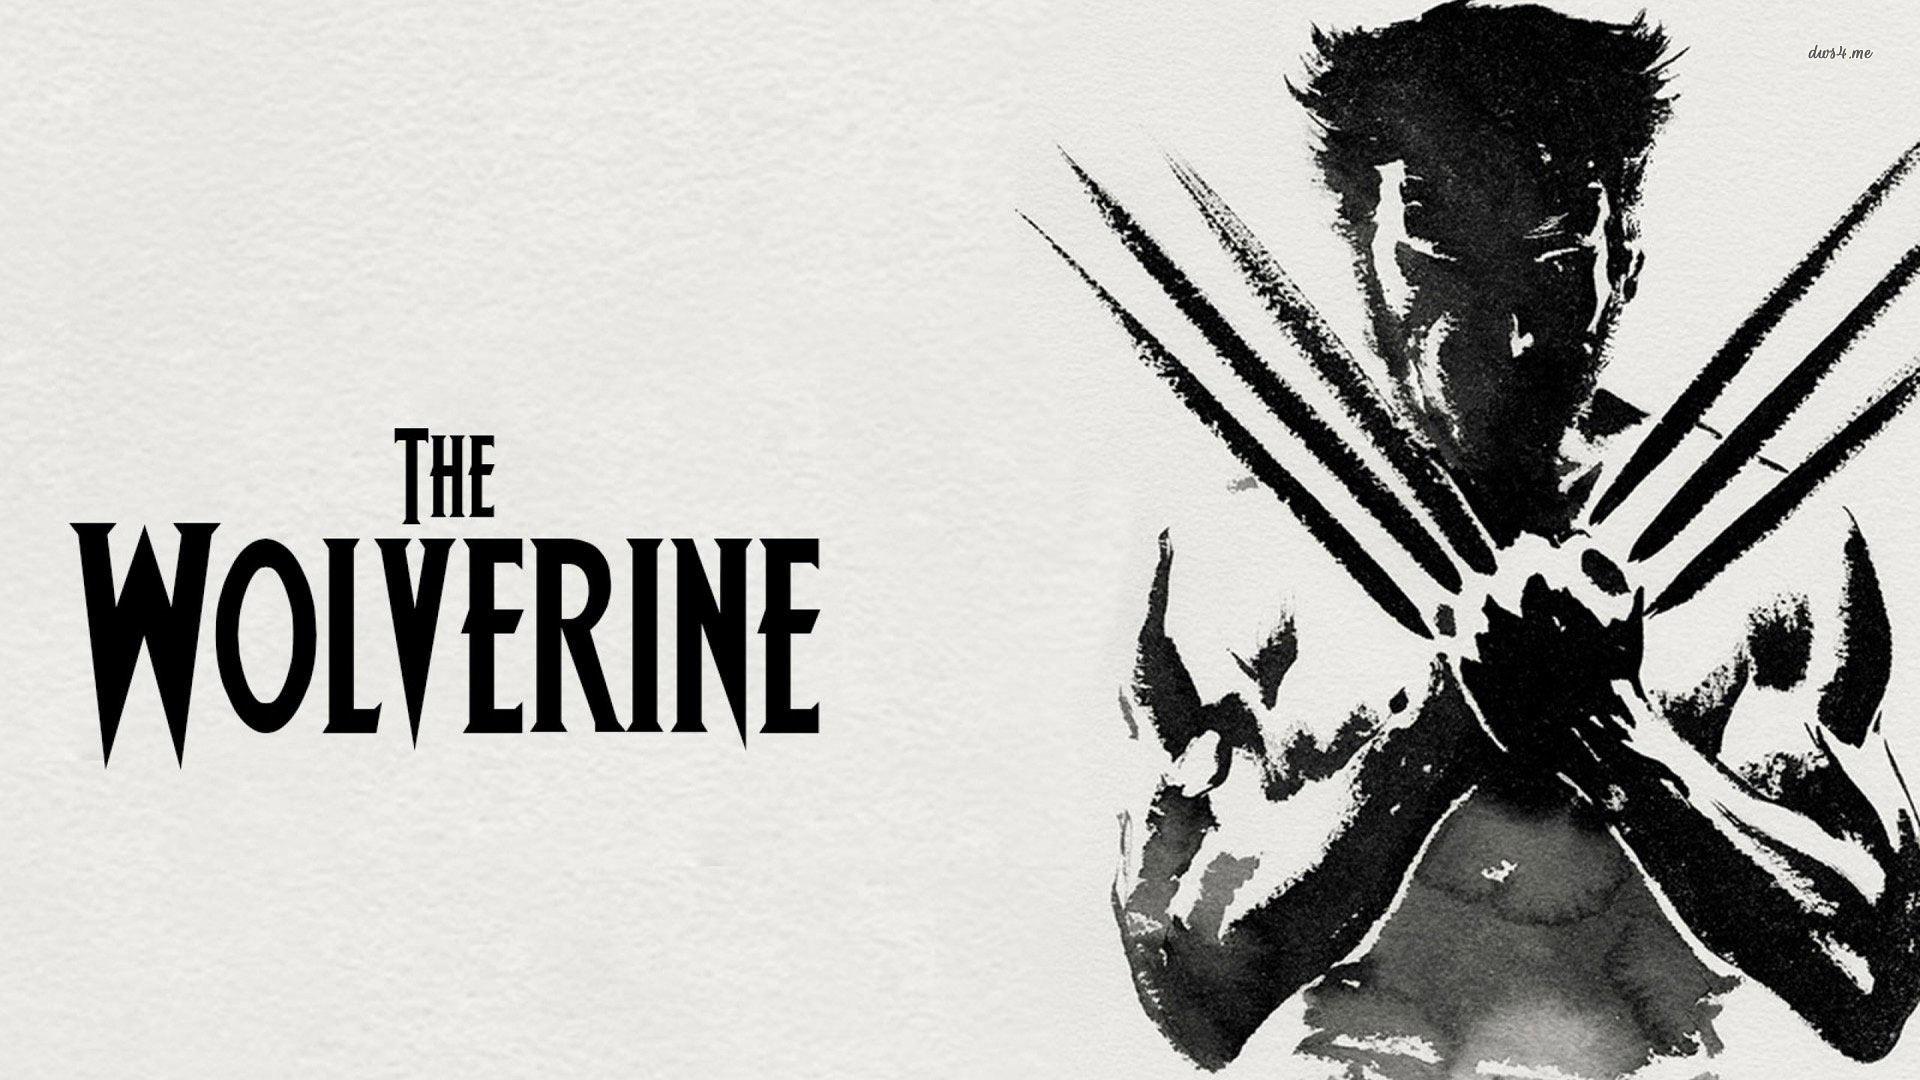 Wolverine Wallpaper Full HD - WallpaperSafari